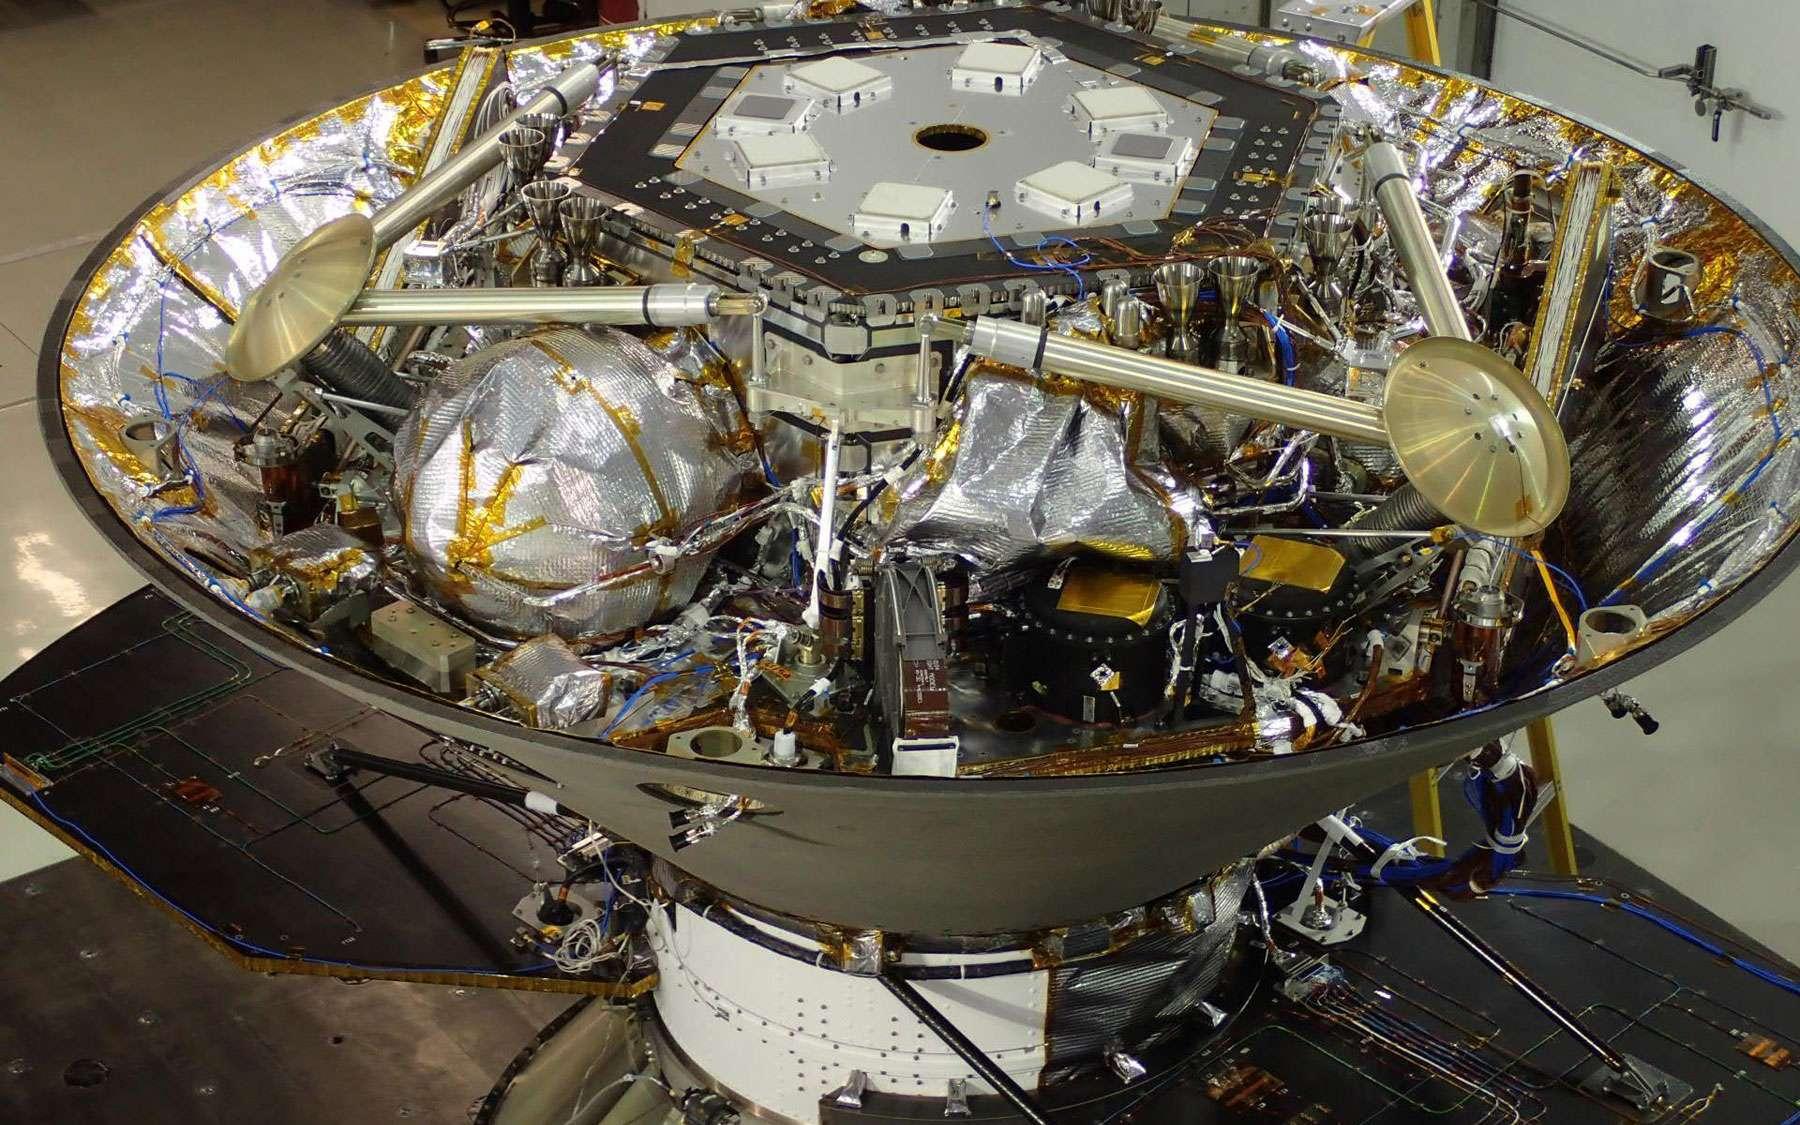 Construit par Lockheed Martin, l'atterrisseur InSight doit se poser à la surface de Mars pour étudier son sous-sol, notamment à l'aide d'un sismomètre fourni par le Cnes, SEIS (Seismic Experiment for Interior Structure). Il est vu ici, retourné, avec les trois jambes repliées, à l'intérieur de son bouclier thermique. © Nasa, JPL-Caltech / Lockheed Martin